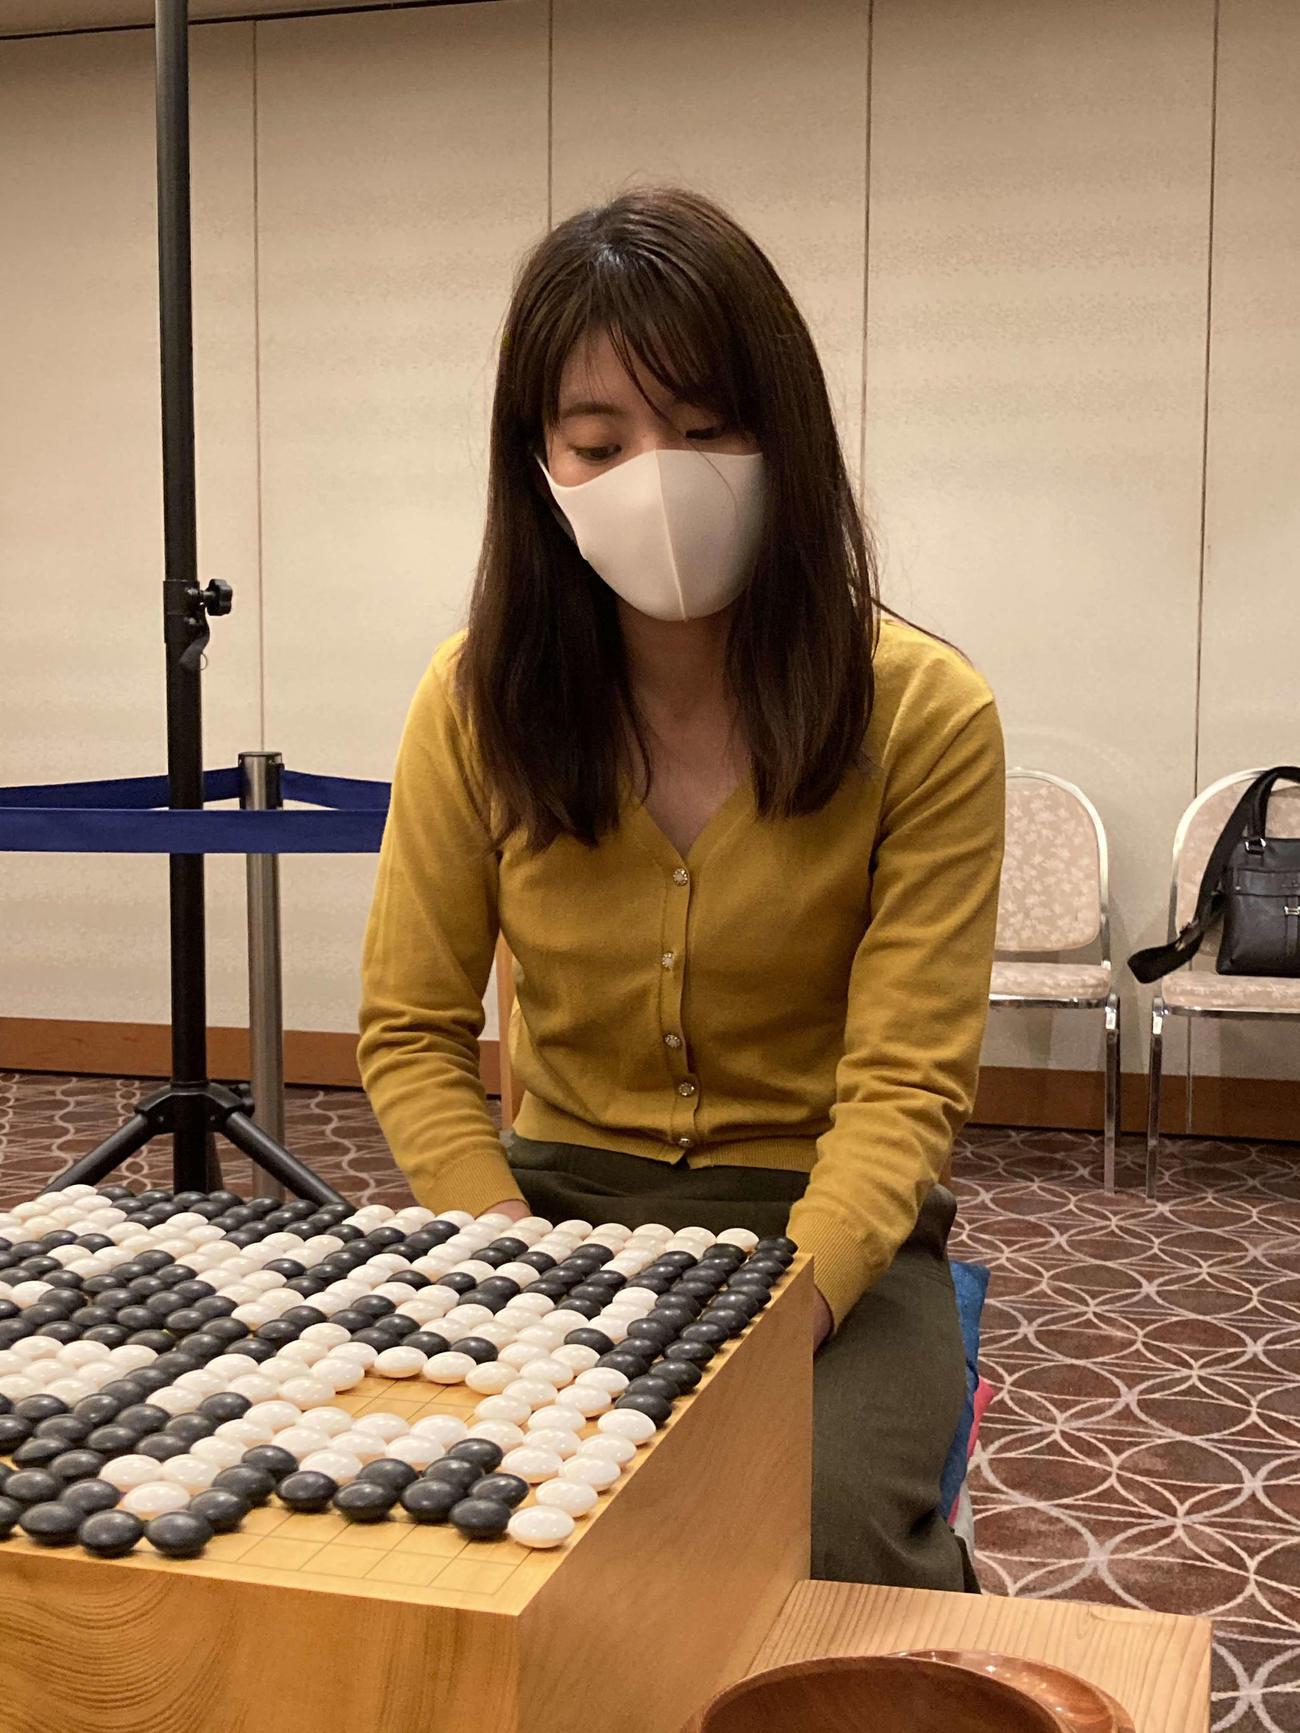 第15回広島アルミ杯若鯉戦を初優勝して男女混合の公式戦を女流棋士で初めて制した藤沢里菜女流3冠(日本棋院提供)